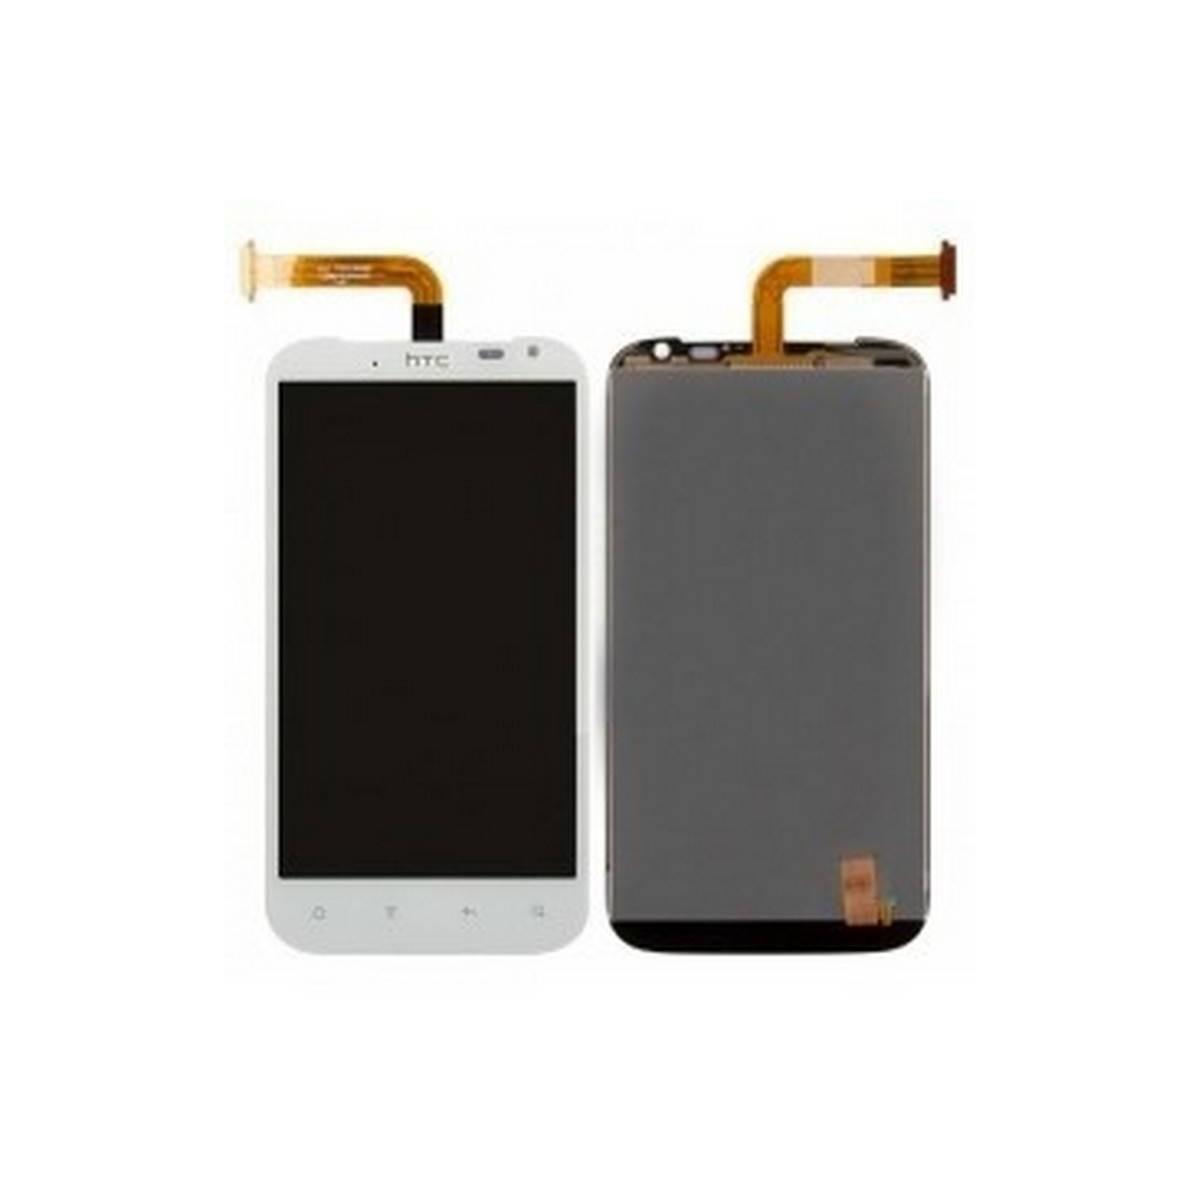 Pantalla completa ( Tactil + LCD ) HTC Sensation XL G21